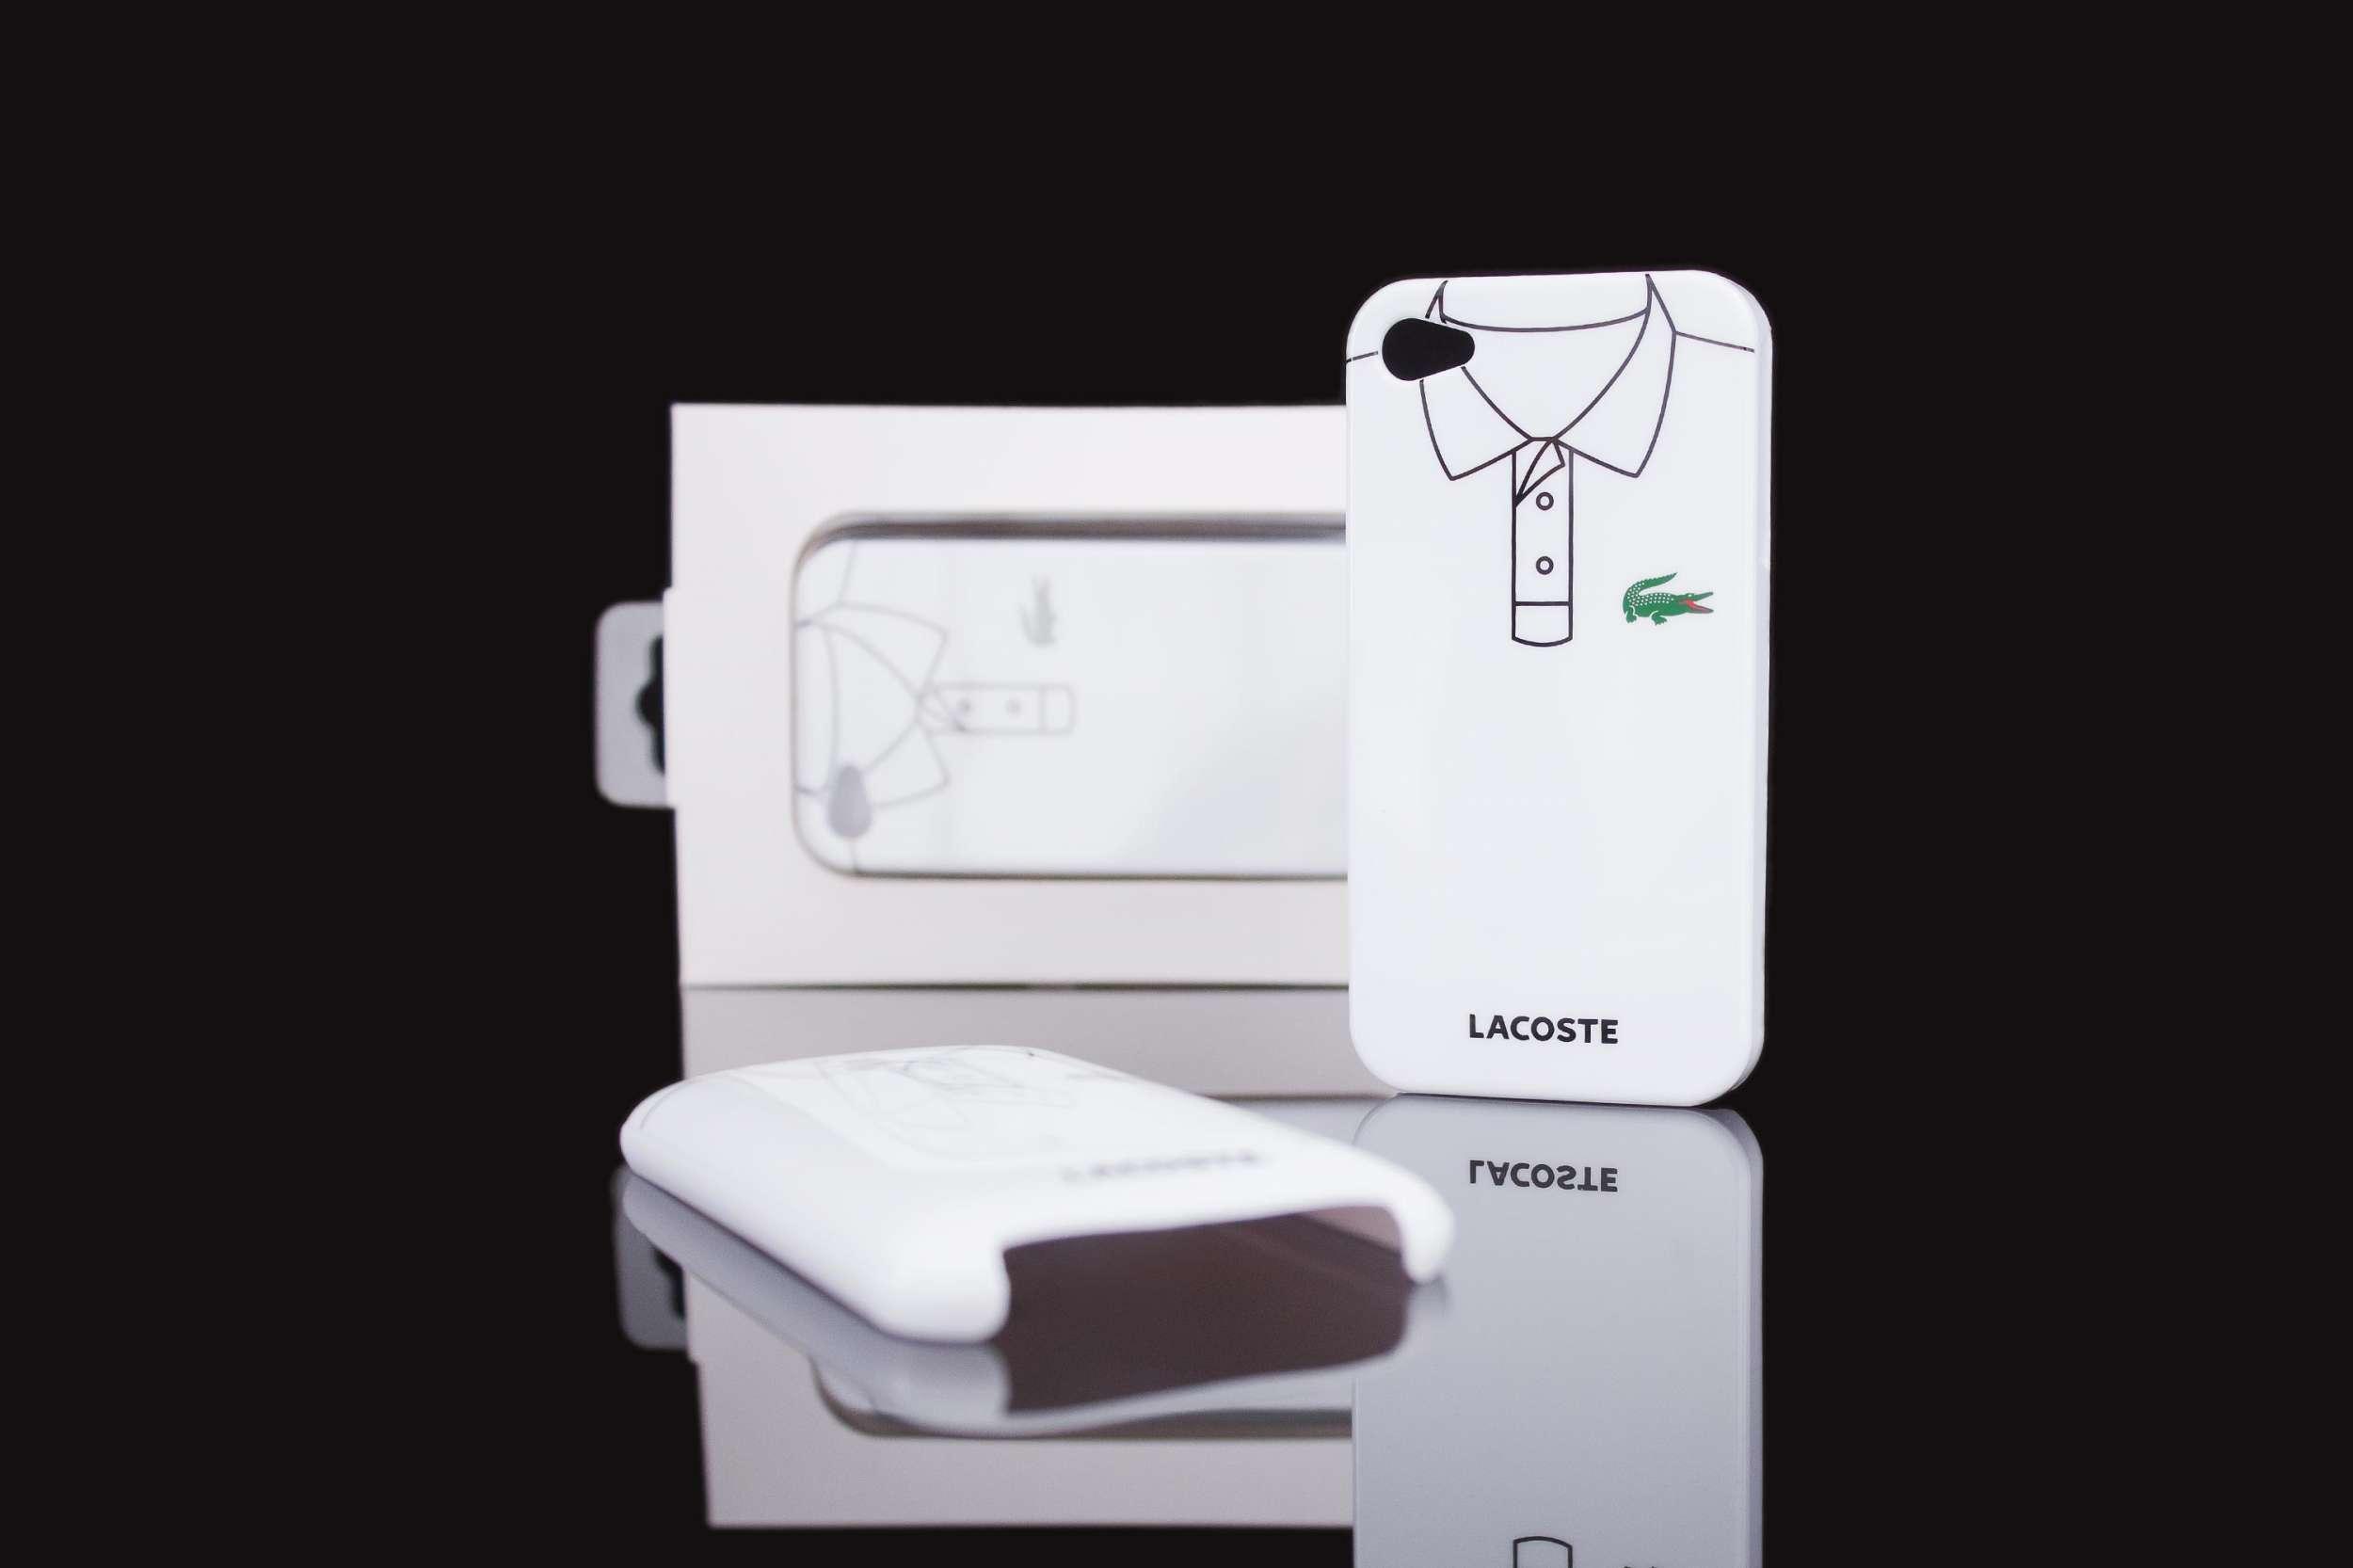 LACOSTE-objet-publicitaire-coque-iphone-2323.jpg